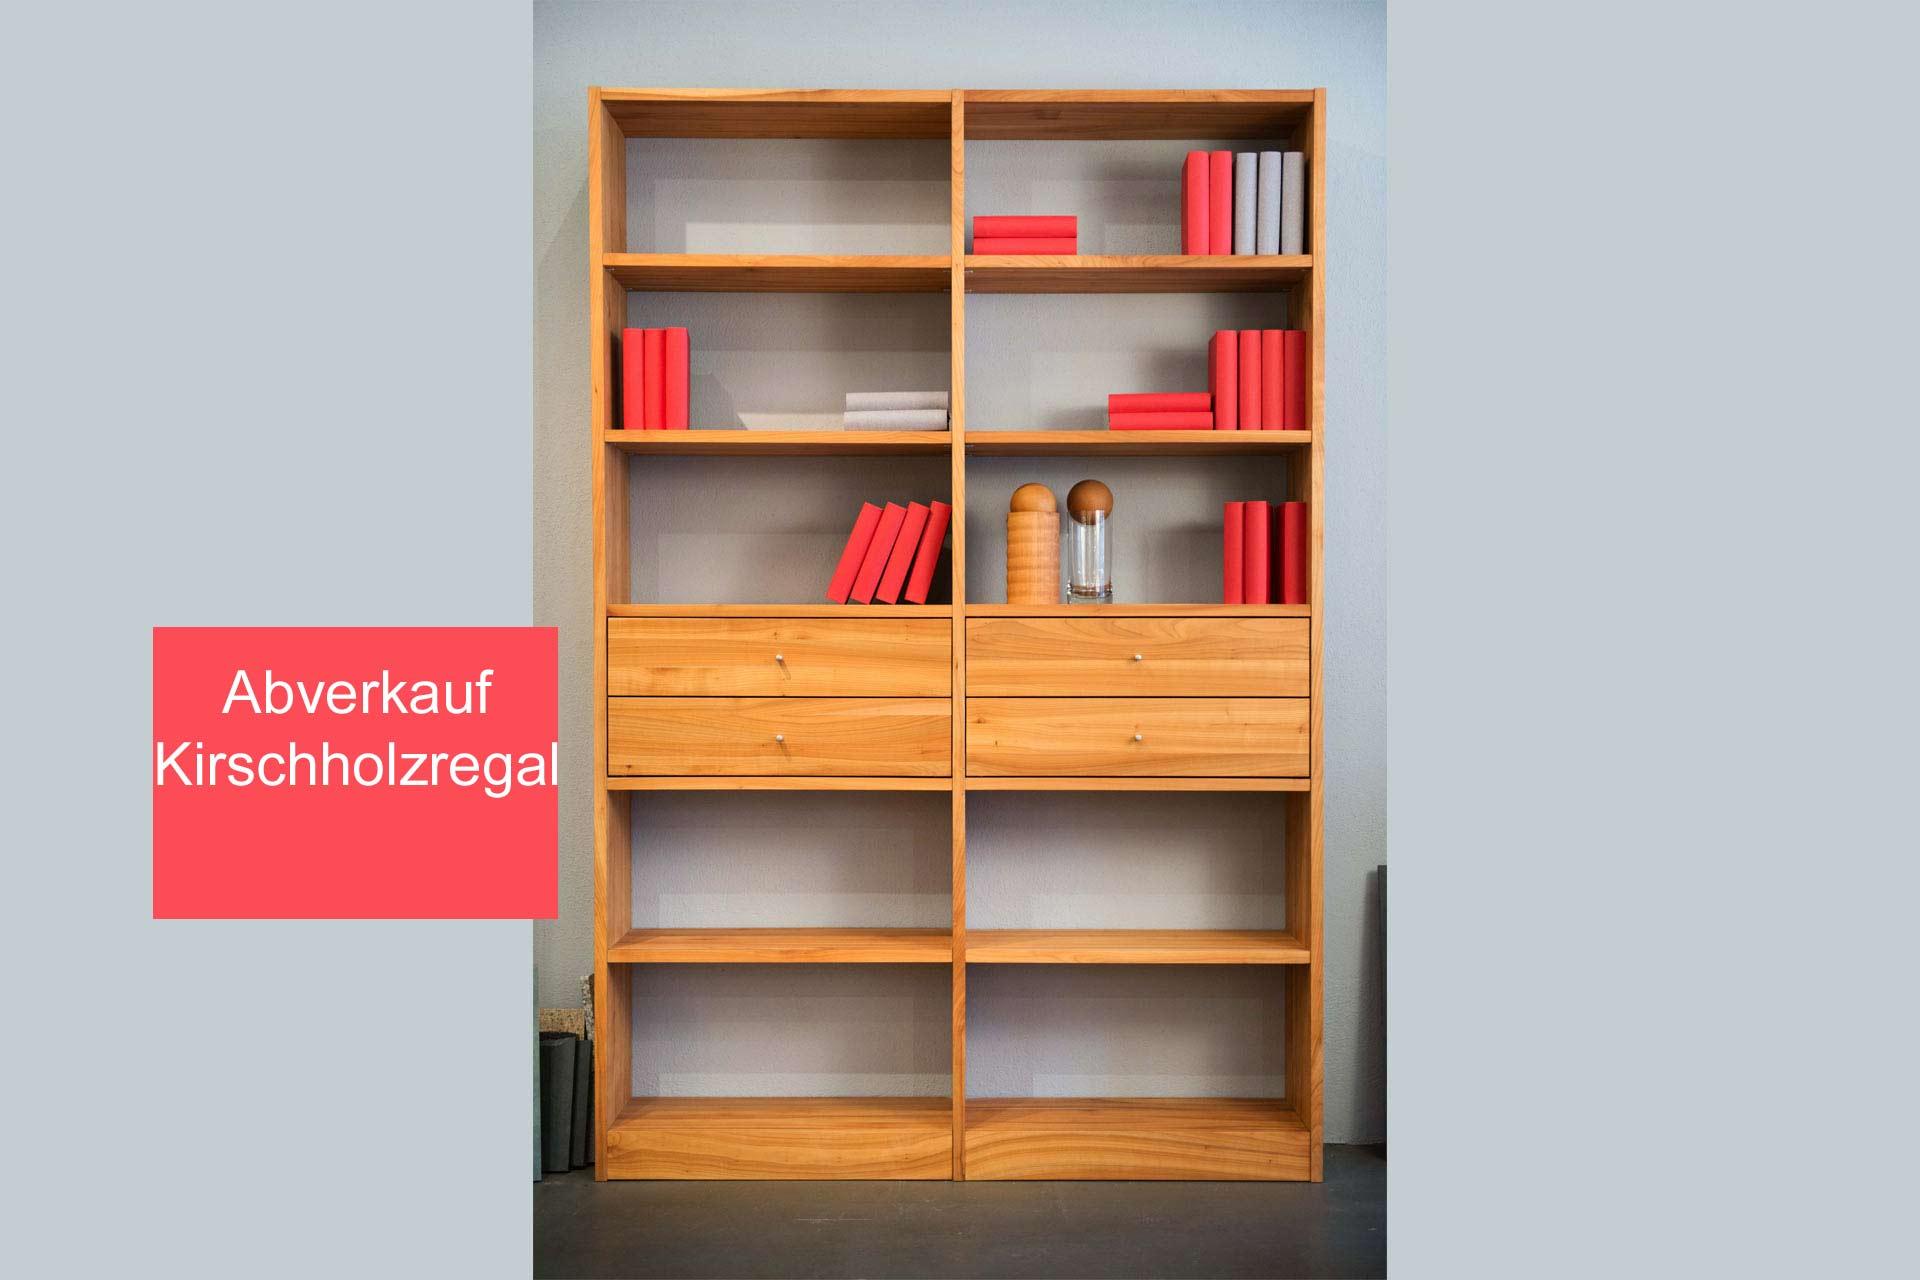 abverkauf kirschregal ge lt wohnopposition berlin. Black Bedroom Furniture Sets. Home Design Ideas